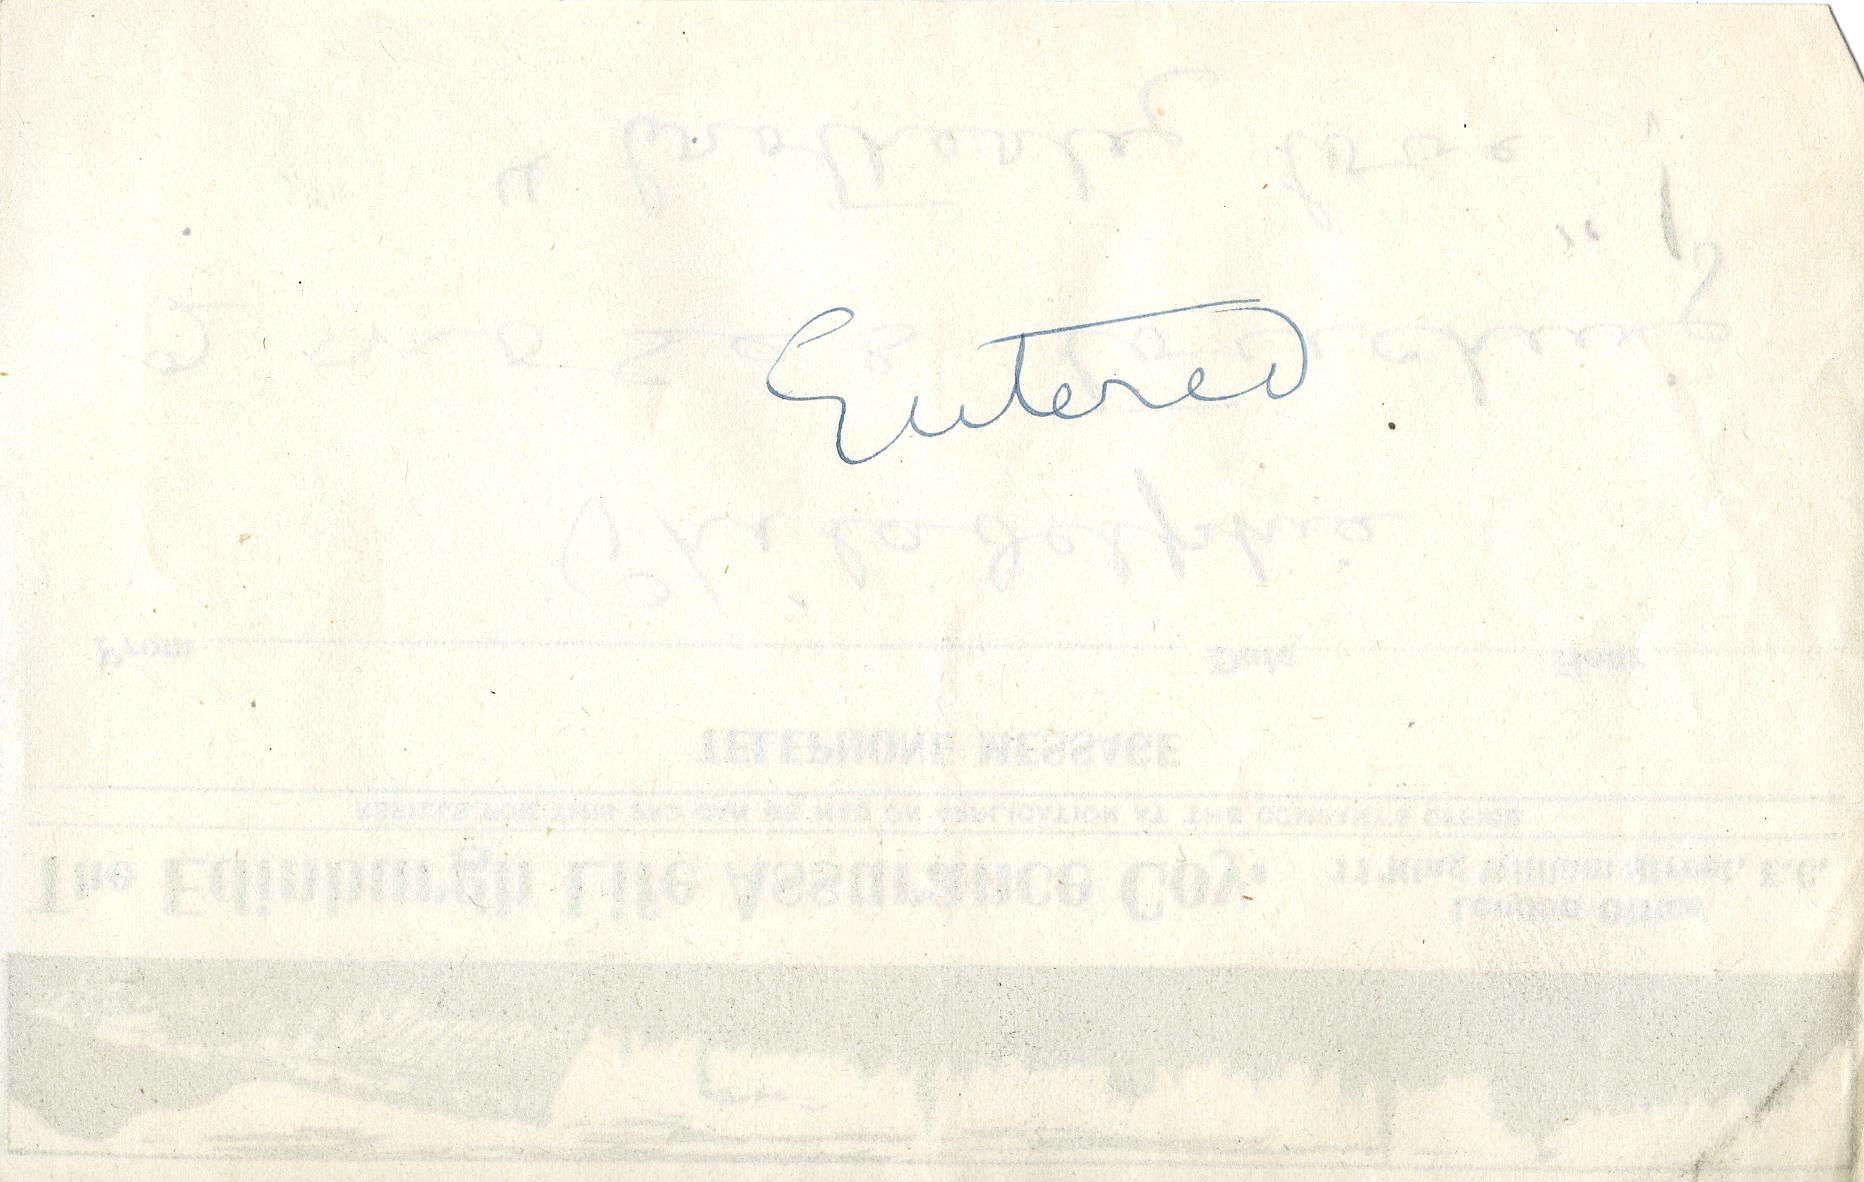 1905-06 Deir el-Bahri, Oxyrhynchus DIST.26.12f